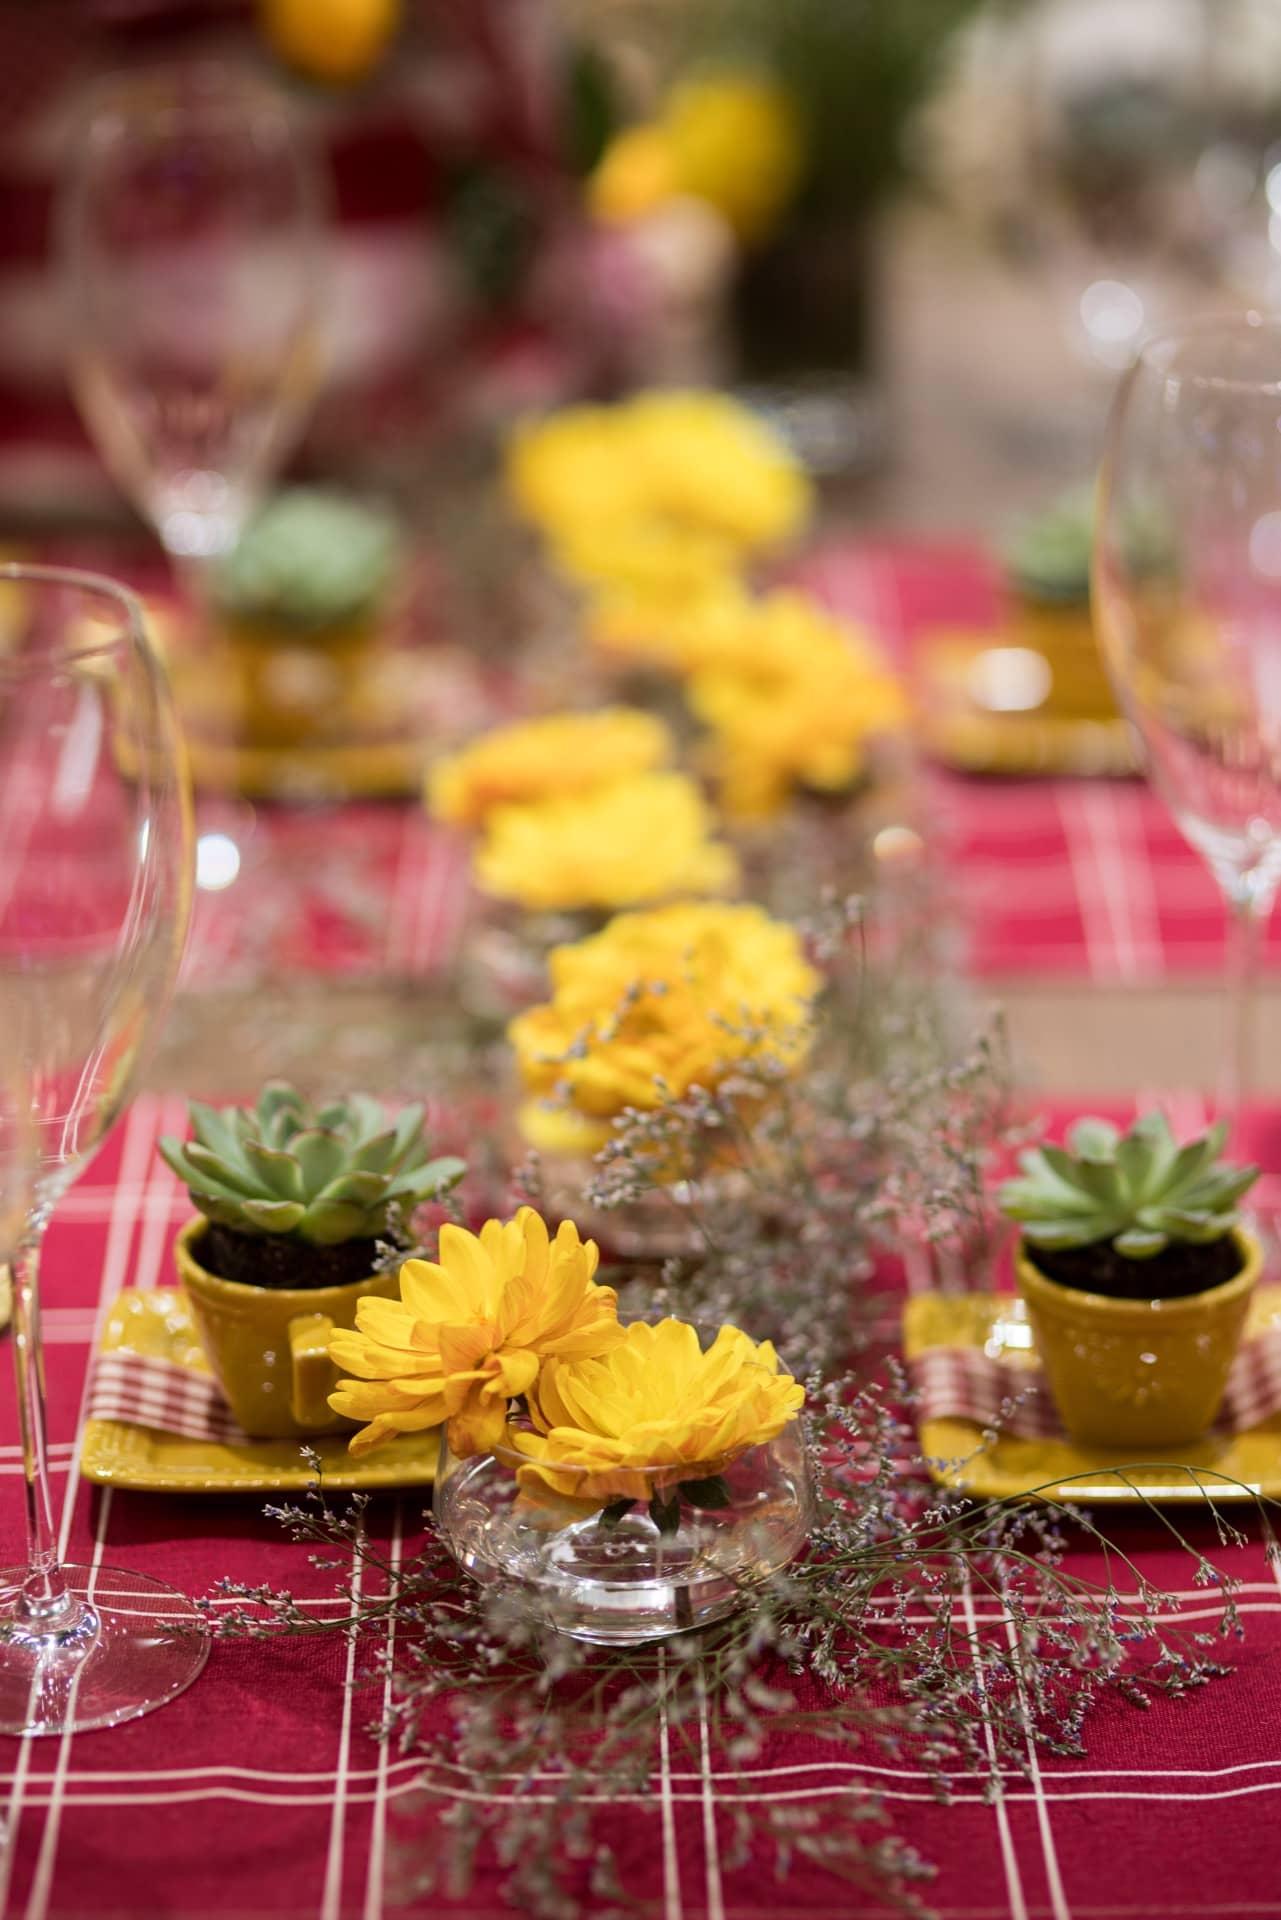 Ao longo da mesa, tigelas de sobremesa acomodam margaridas amarelas e galhos de Cáspia, florzinha miúda que lembra a lavanda. As xícaras de café da linha Provence, da Oxford, viram vasinhos para suculentas. Foto: Henrique Peron